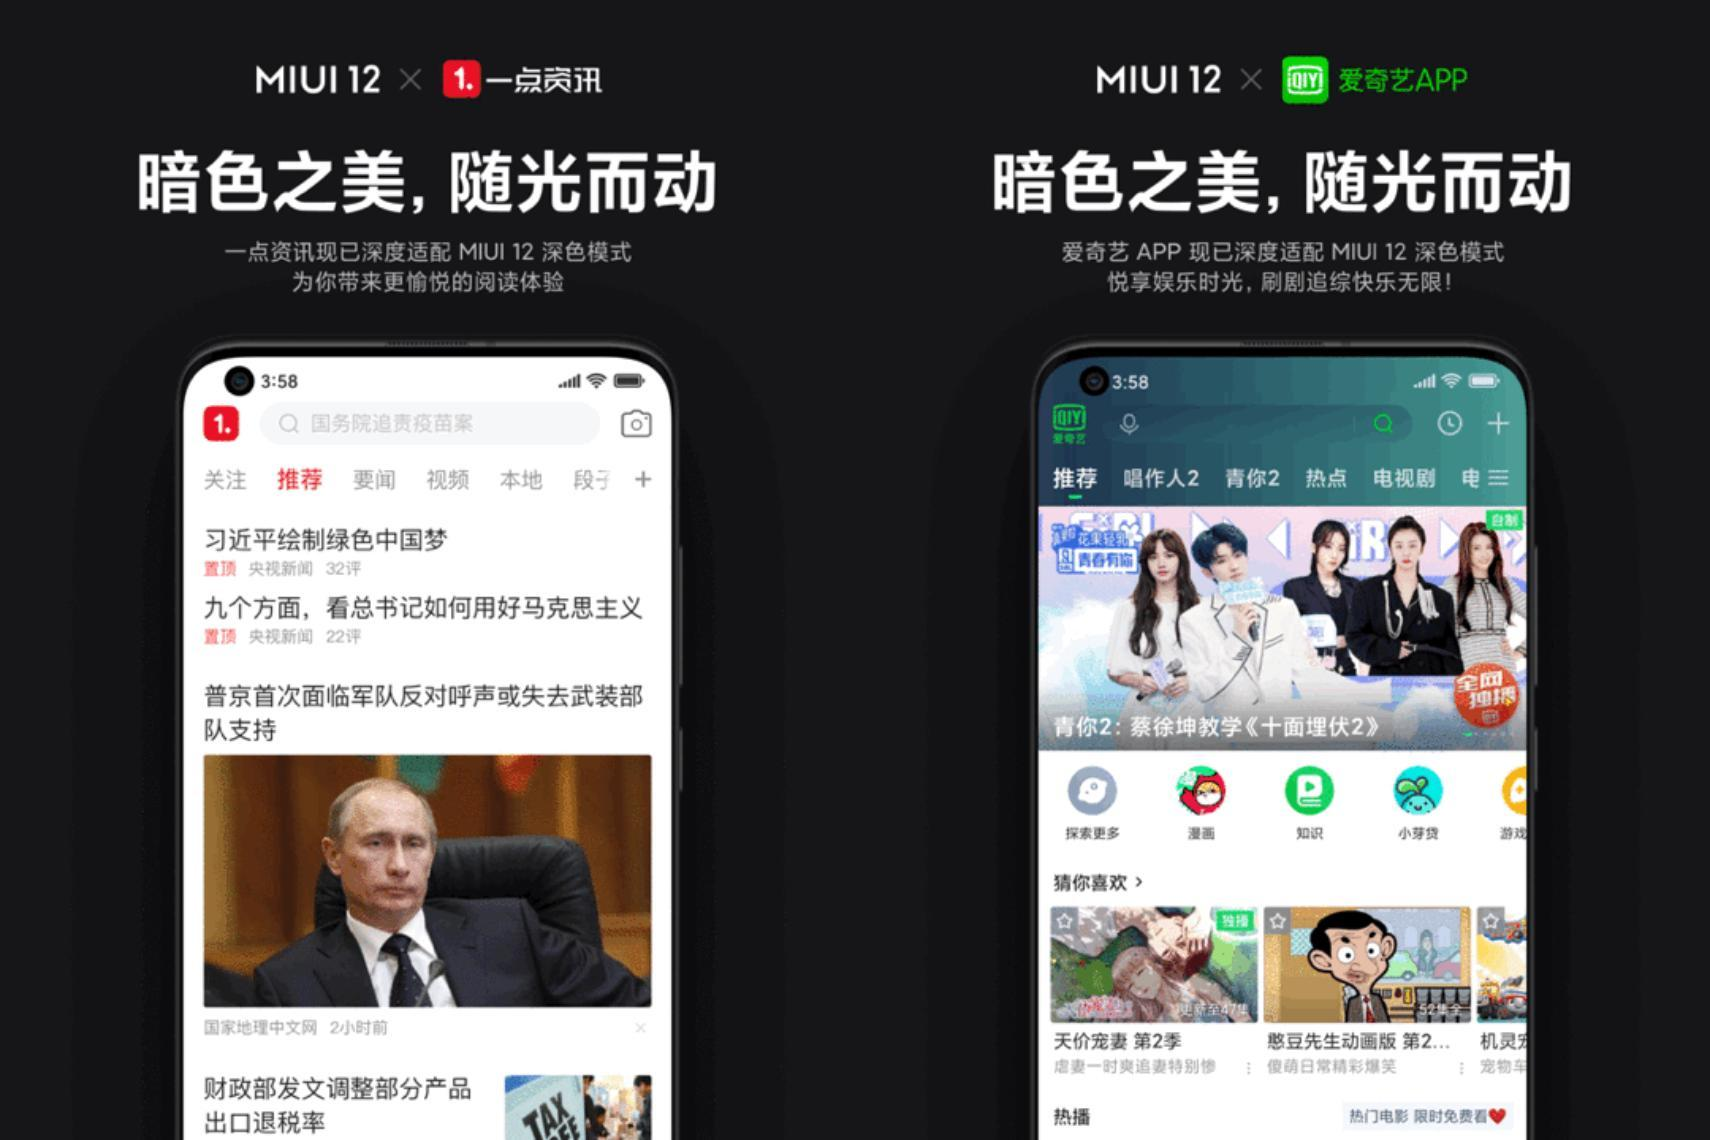 Xiaomi использует фото Владимира Путина для демонстрации. Афон темнеет